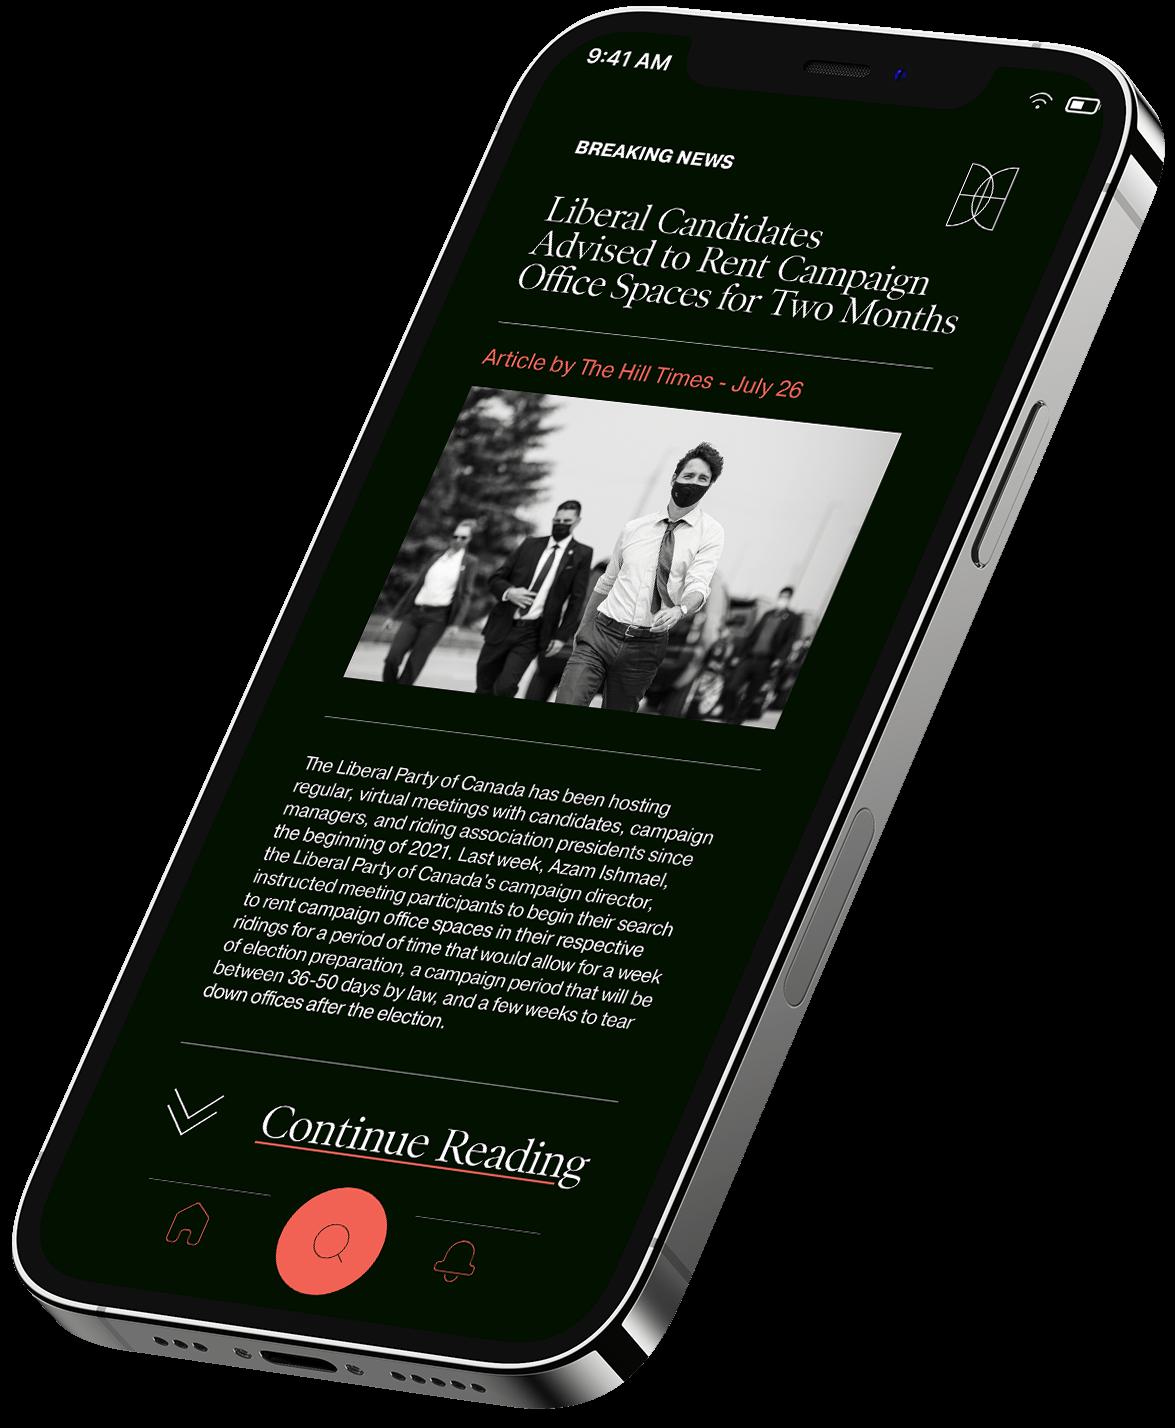 Delphic research mobile